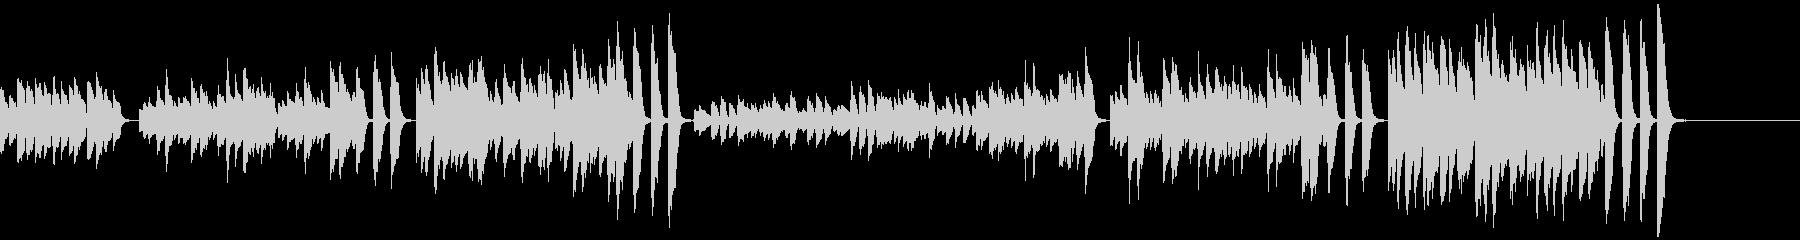 3分クッキングの原曲(ピアノソロ)の未再生の波形